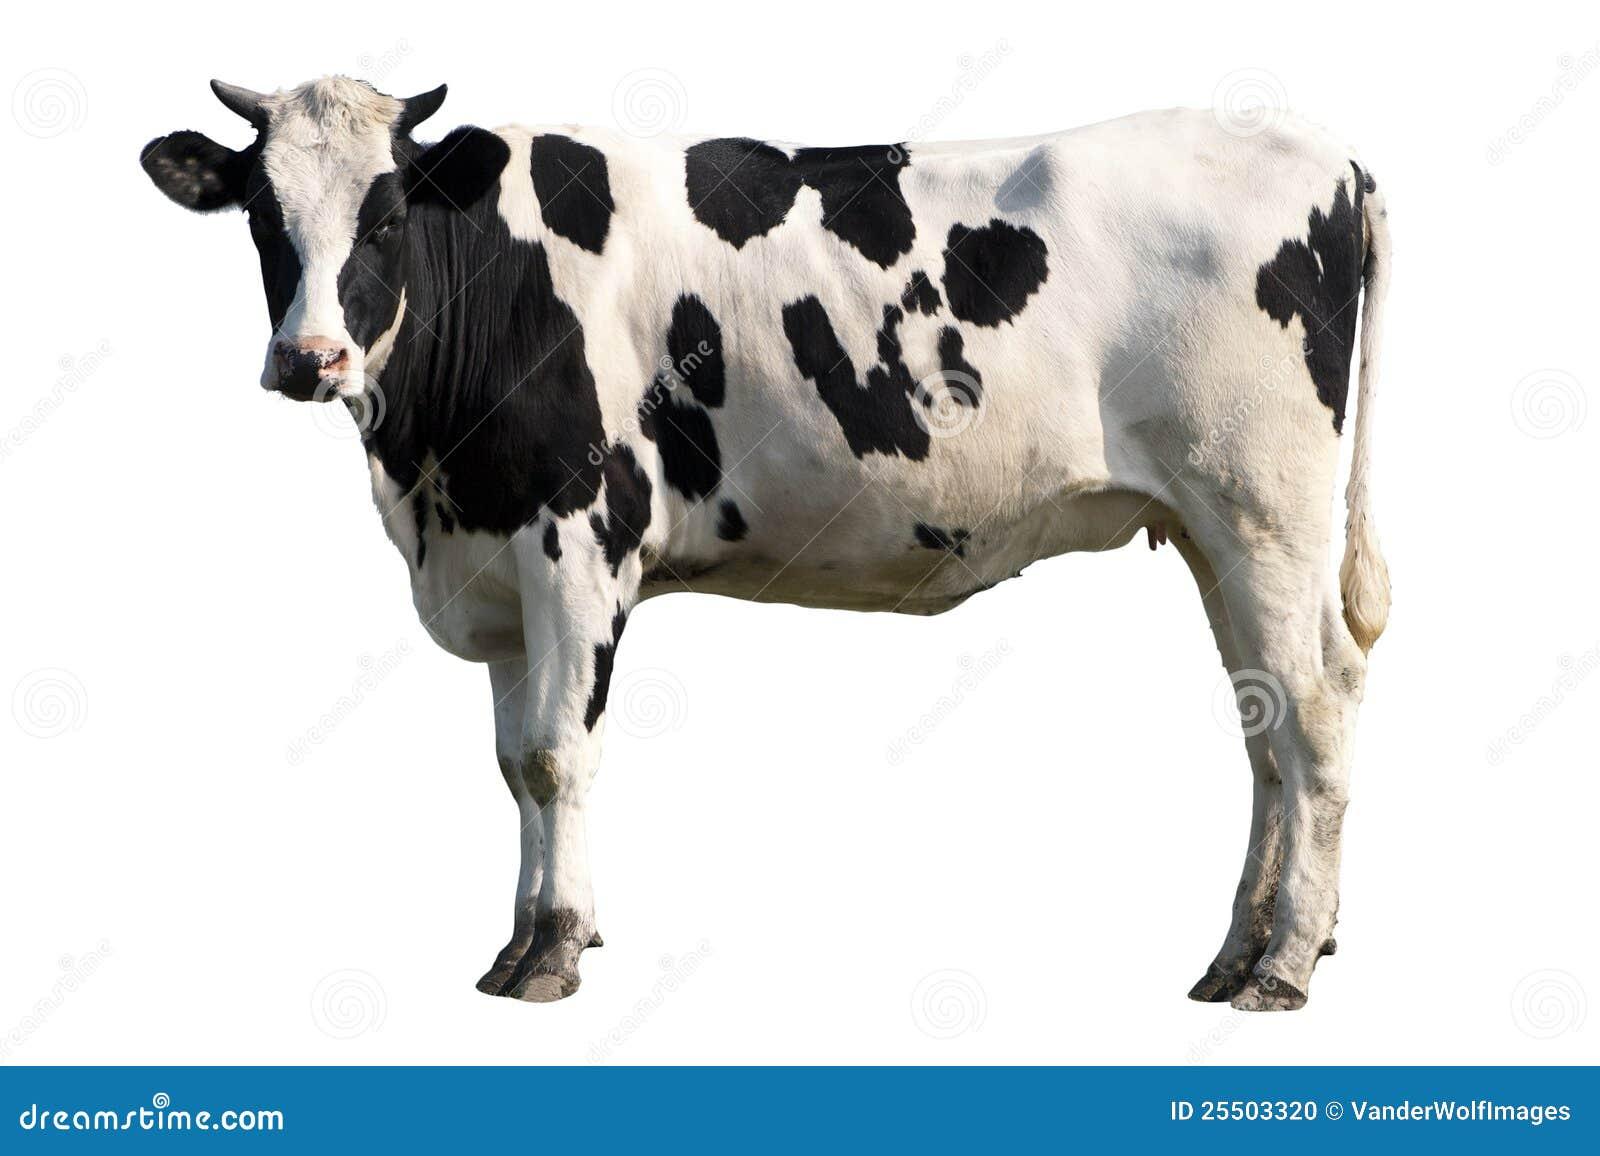 vache noire et blanche photo stock image du d coupage 25503320. Black Bedroom Furniture Sets. Home Design Ideas